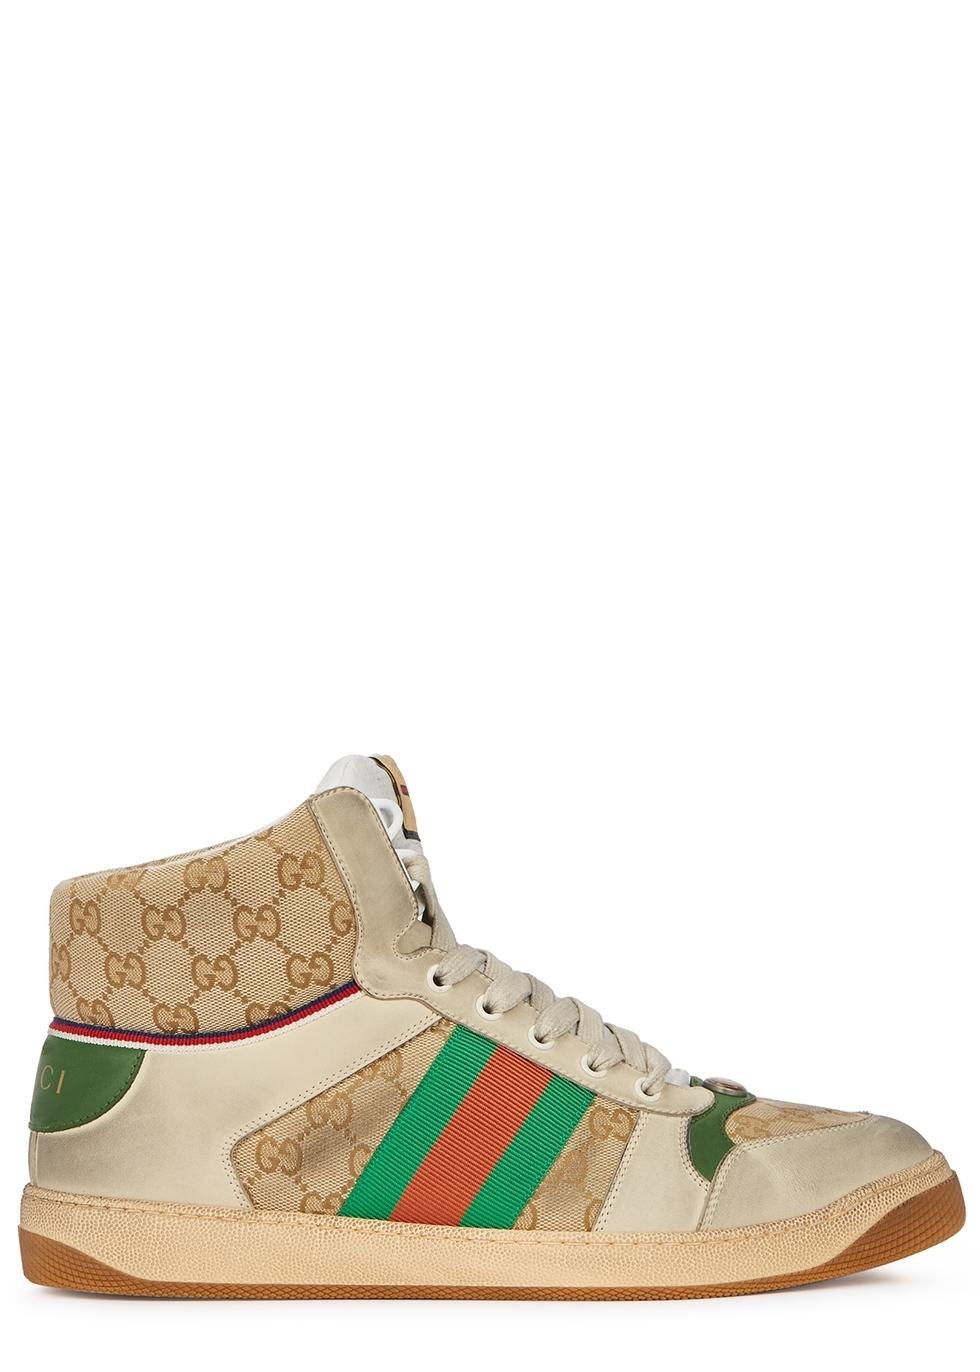 d18fc43e9 Gucci Men - Harvey Nichols